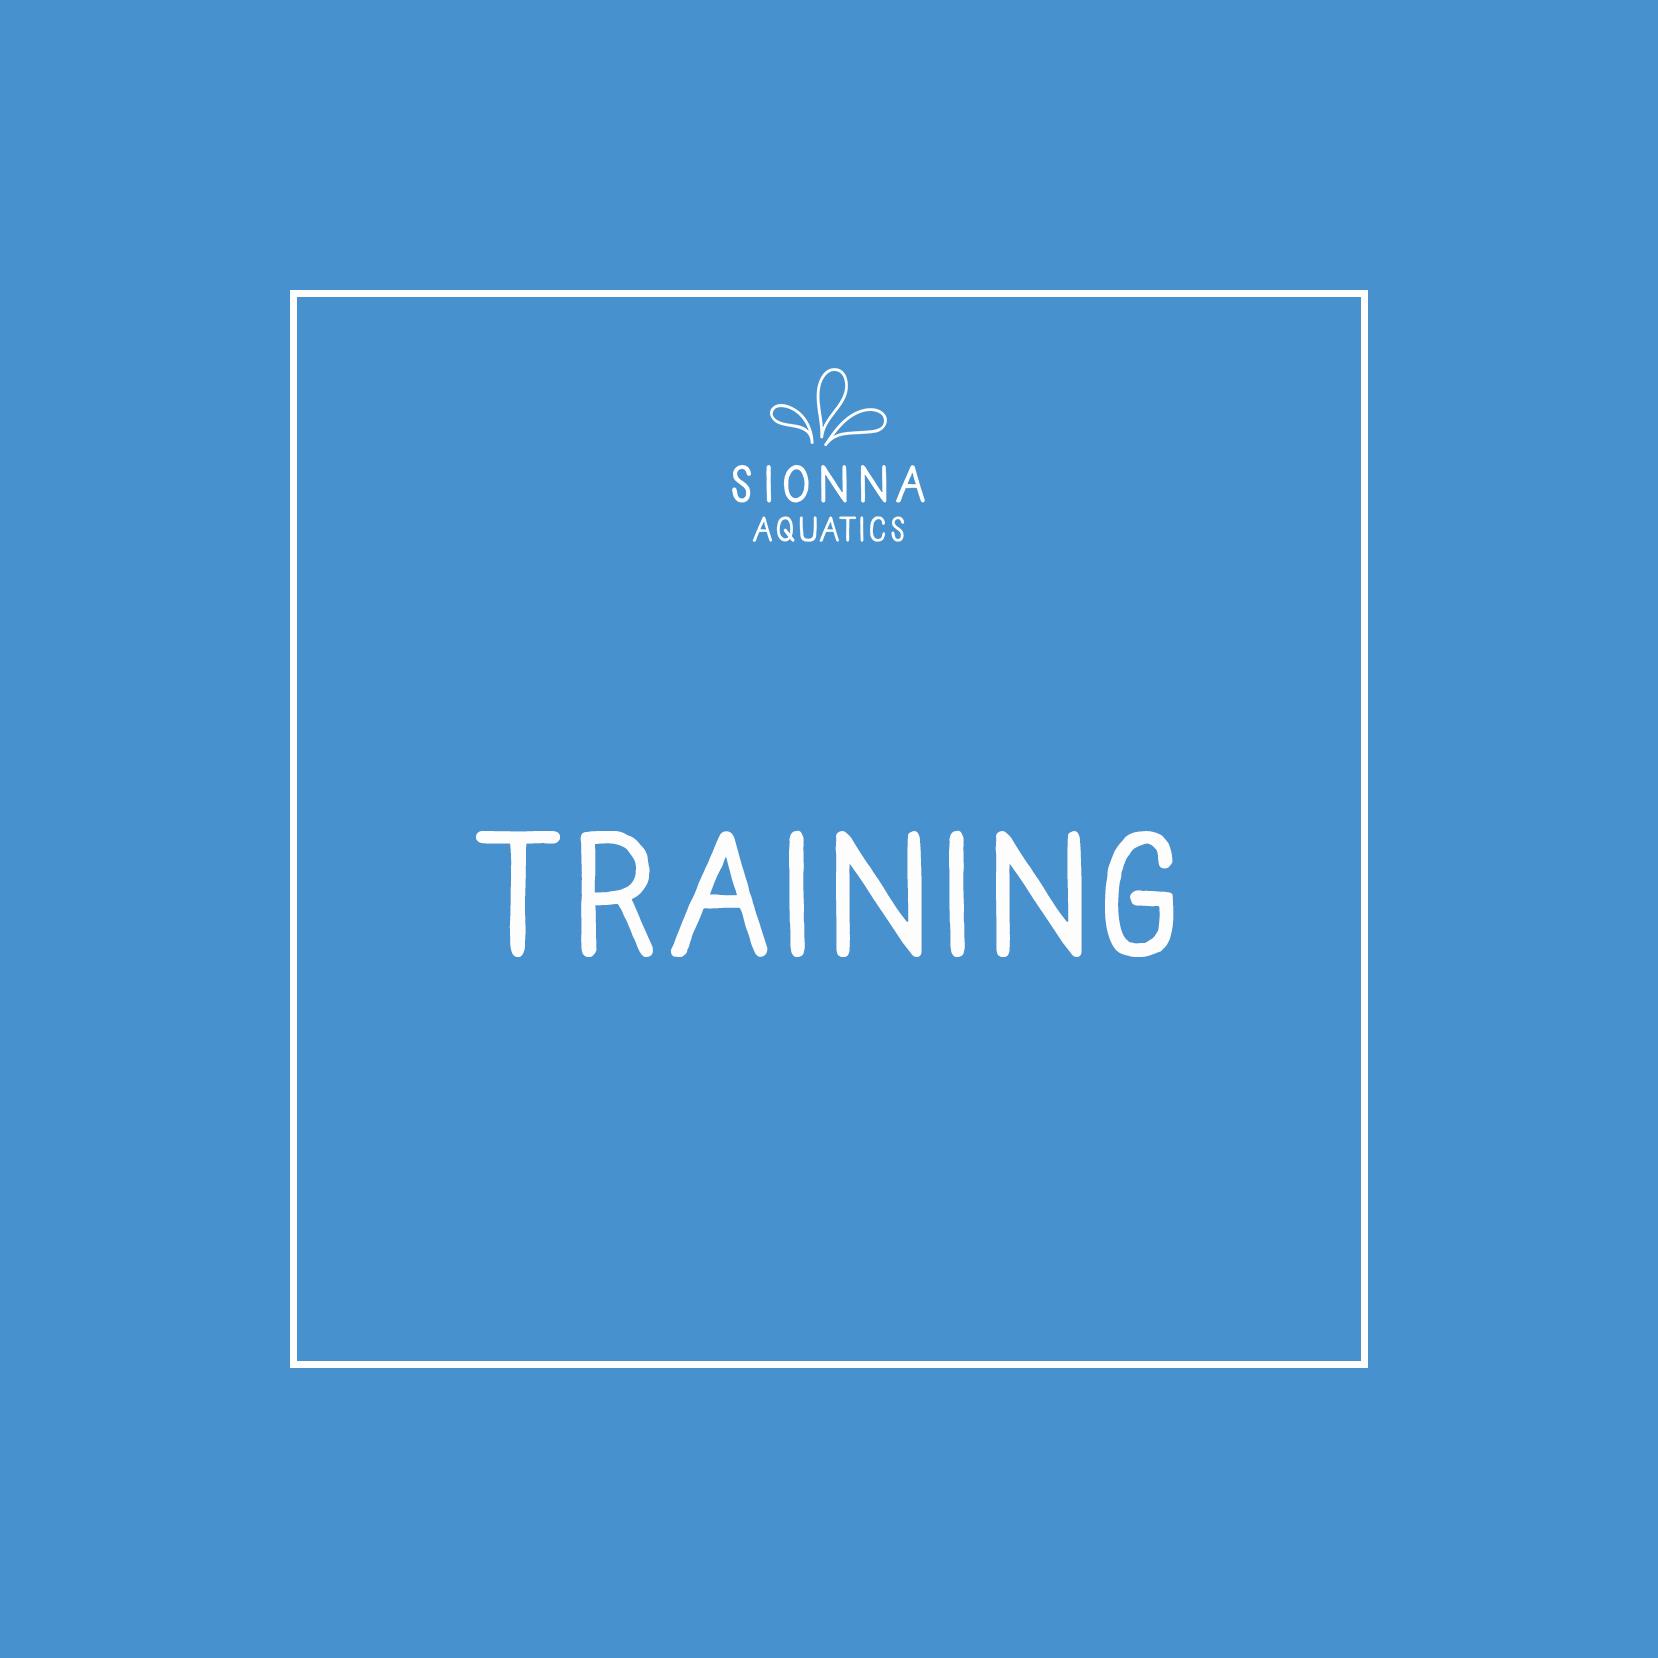 Aquatics_Training.jpg